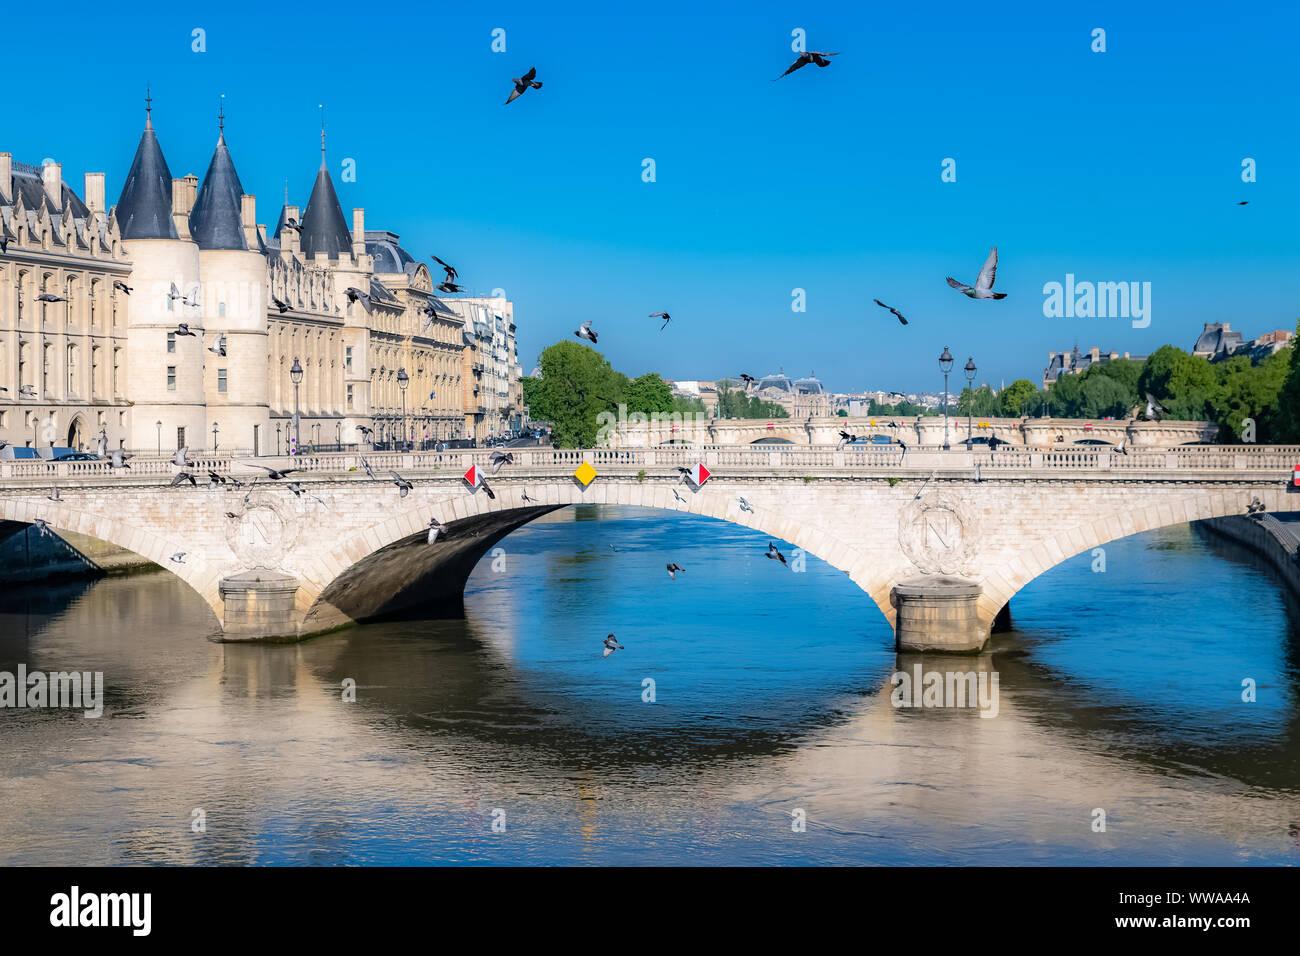 Paris, view of the Seine with the Conciergerie on the ile de la Cité, and the Pont-Neuf Stock Photo